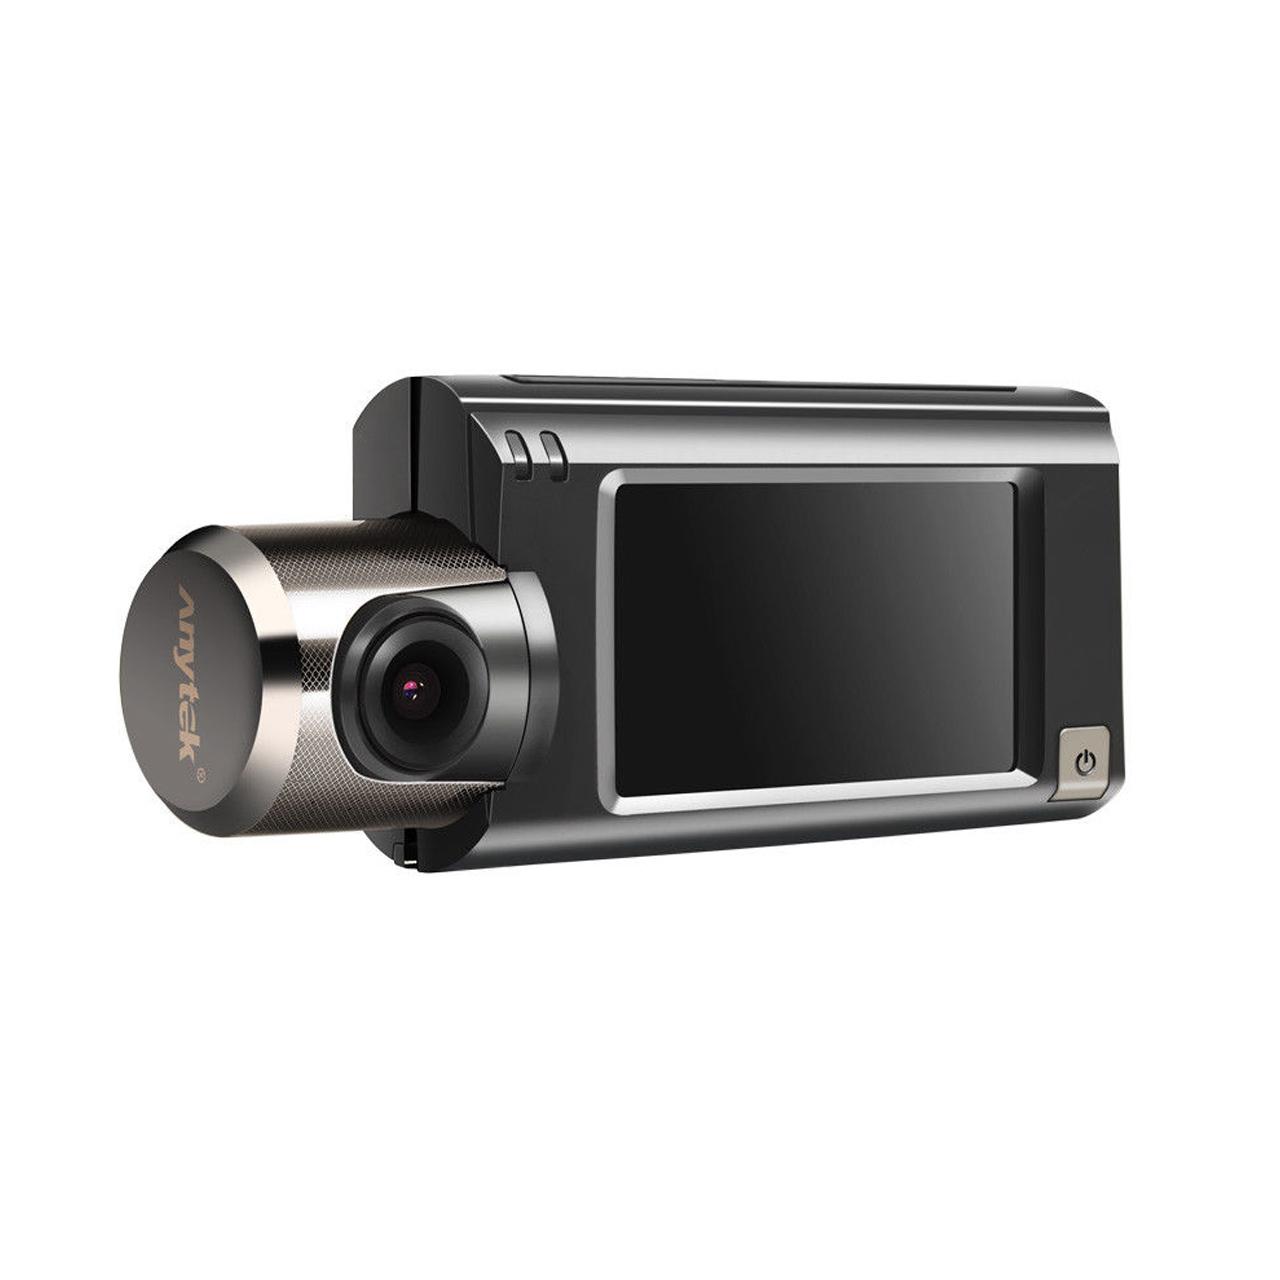 دوربین فیلم برداری خودرو AnyTek مدل G100 new